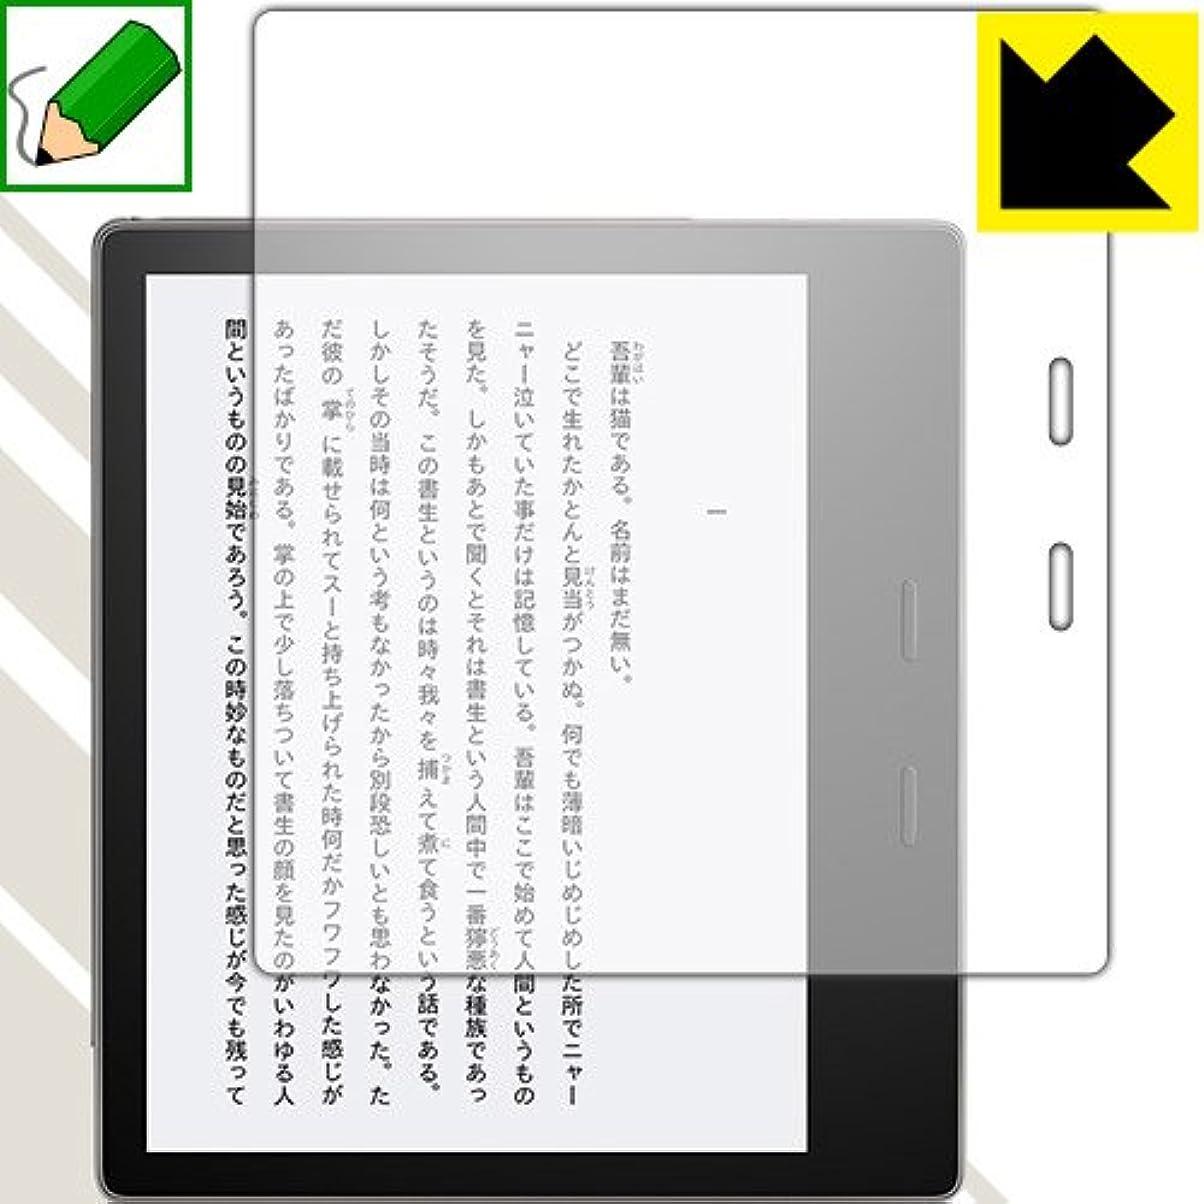 電子レンジアシスタント落ち込んでいるPDA工房 特殊処理で紙のような描き心地を実現! 『ペーパーライク保護フィルム Kindle Oasis (第9世代?2017年10月発売モデル)』 120PDA60048604